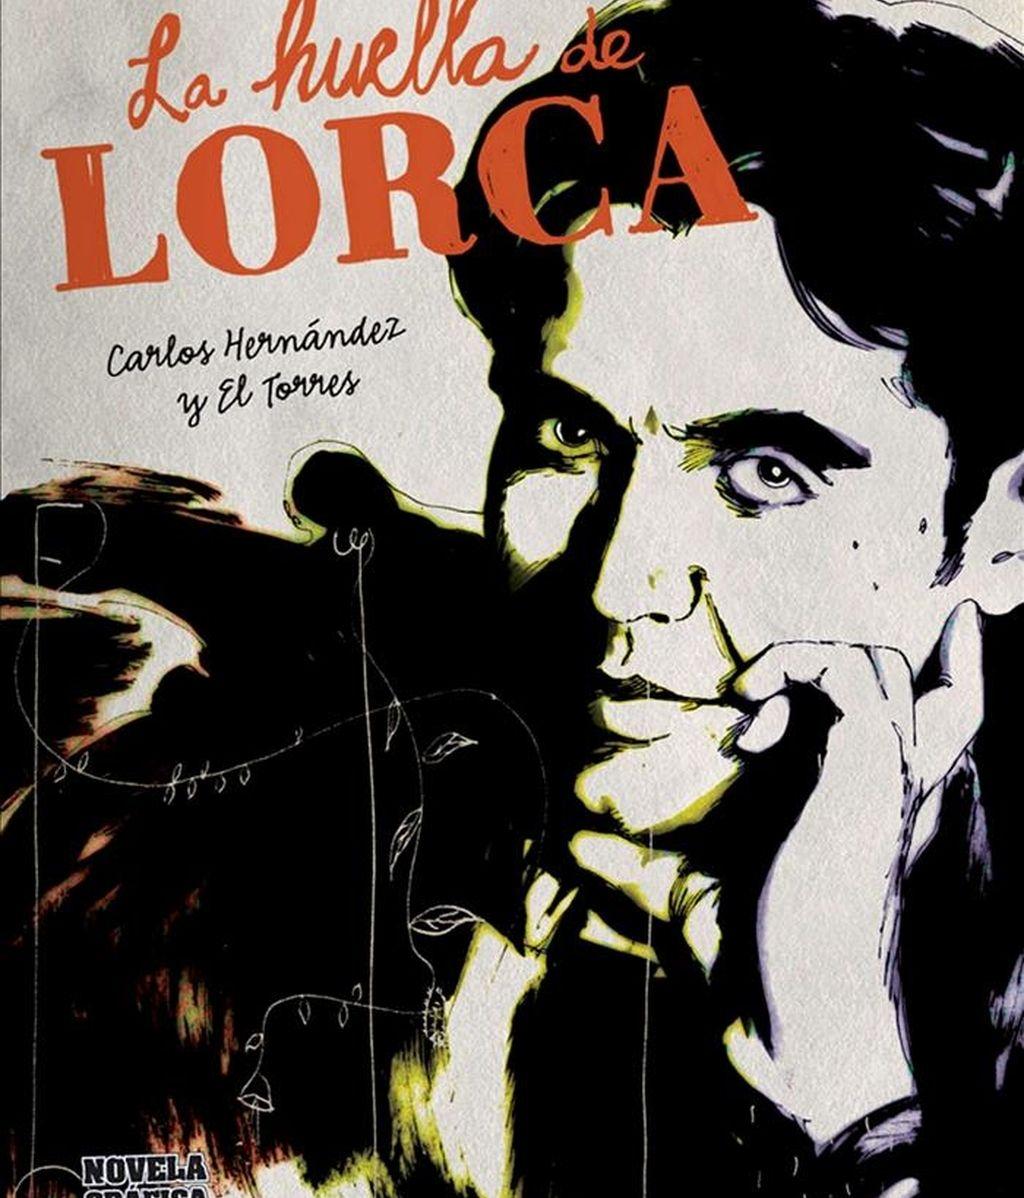 """Portada de """"La huella de Lorca"""", del dibujante granadino Carlos Hernández y el guionista """"El Torres"""", la primera novela gráfica dedicada a Federico García Lorca, que relata, mediante el cómic, diferentes momentos de la vida del poeta a través de los ojos de las personas que le conocieron o compartieron con él parte de su vida. EFE"""